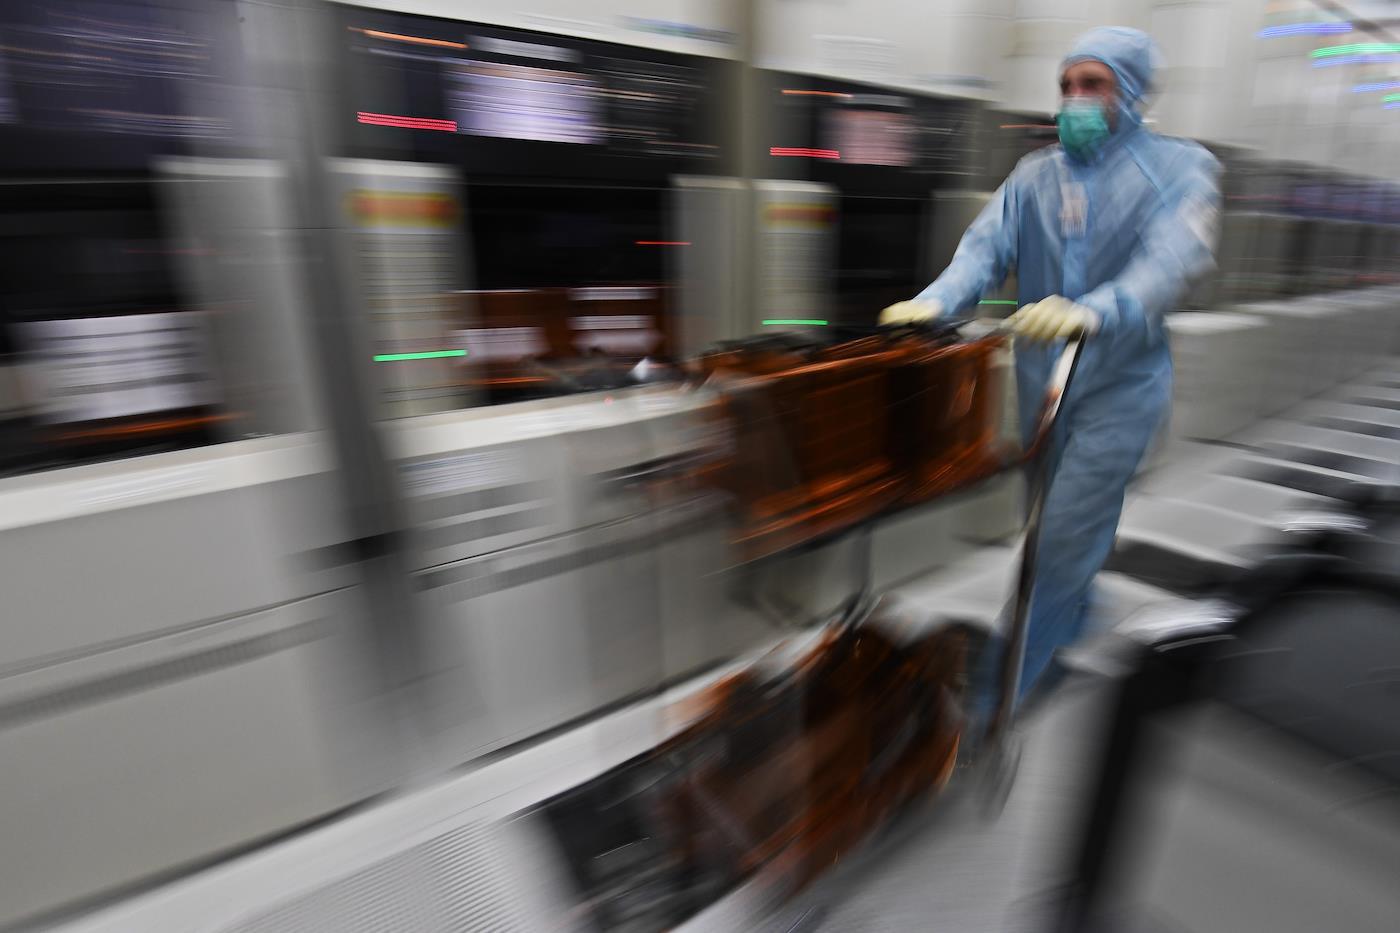 От «Новичка» возникло послевкусие. Санкции против малоизвестных компаний ударят больнее, чем кажется